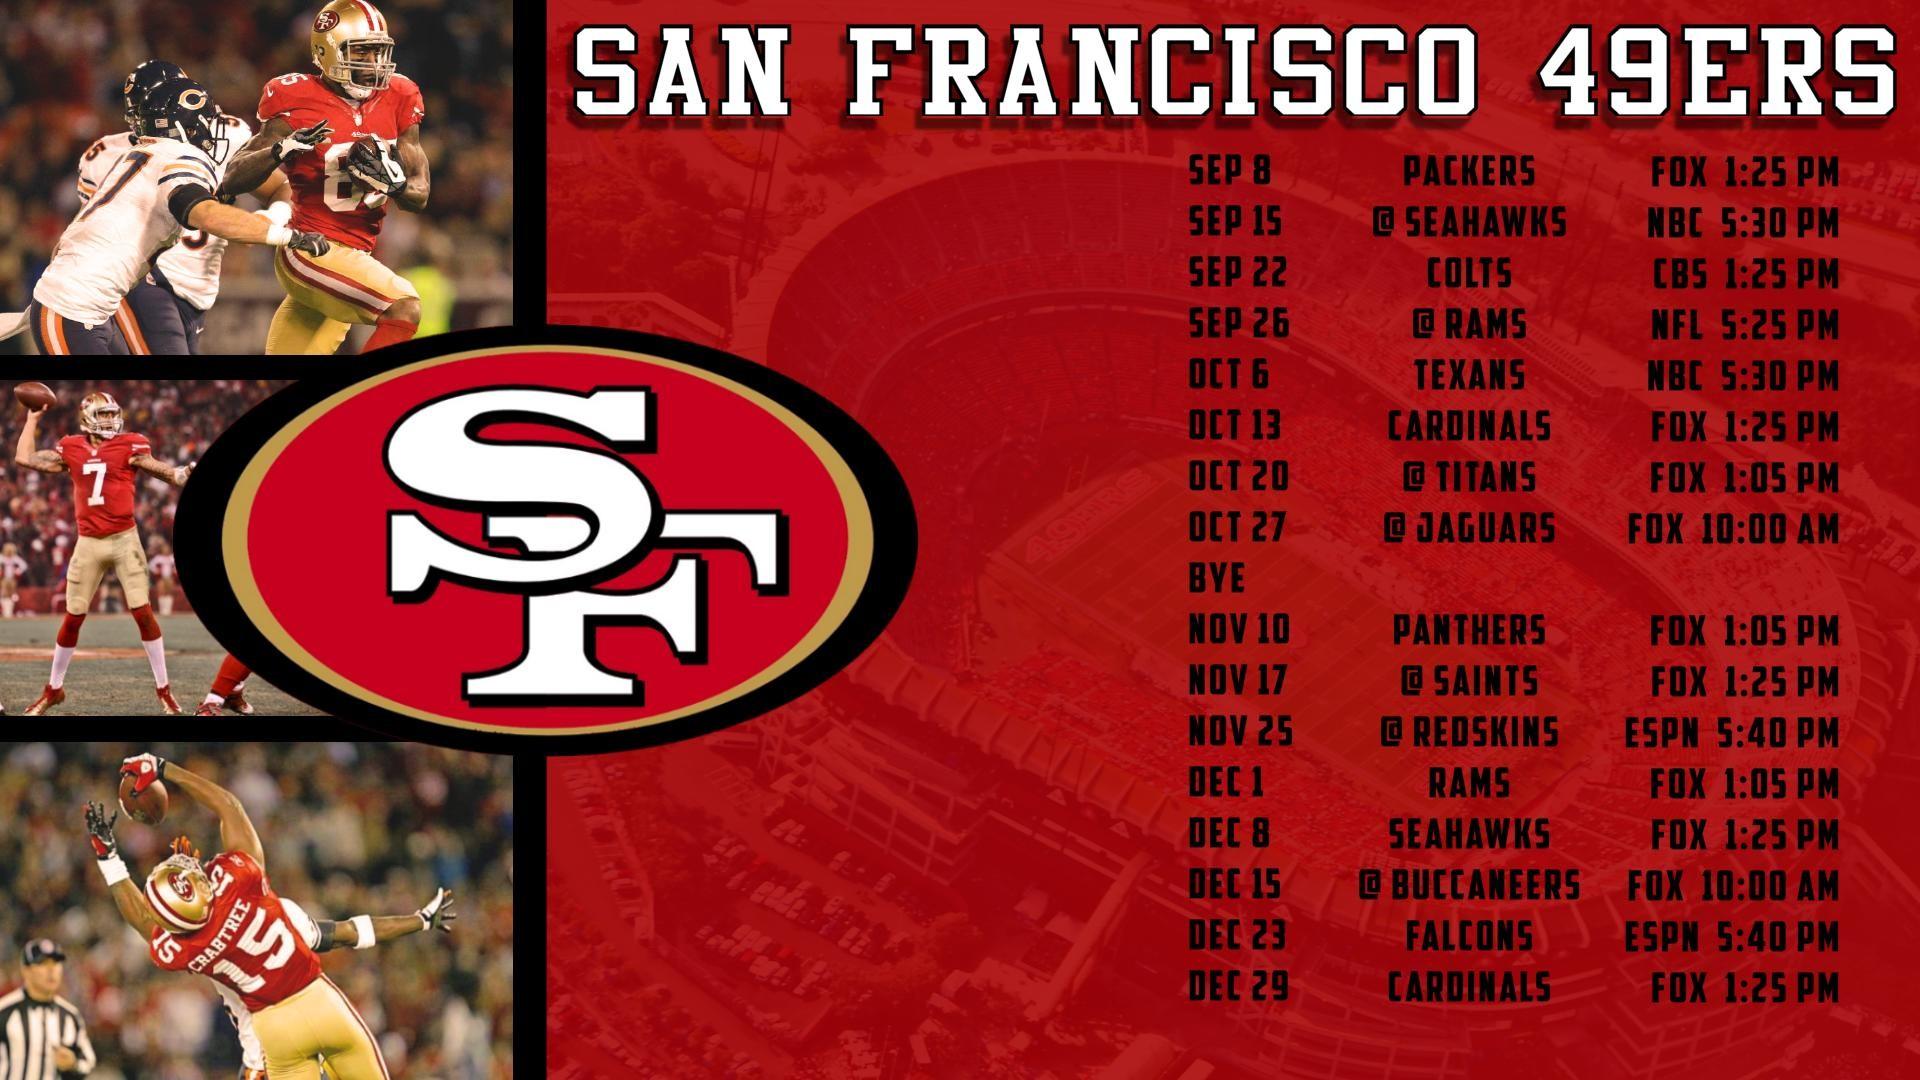 49ers 2018 schedule wallpaper 60 images - 2015 49ers schedule wallpaper ...